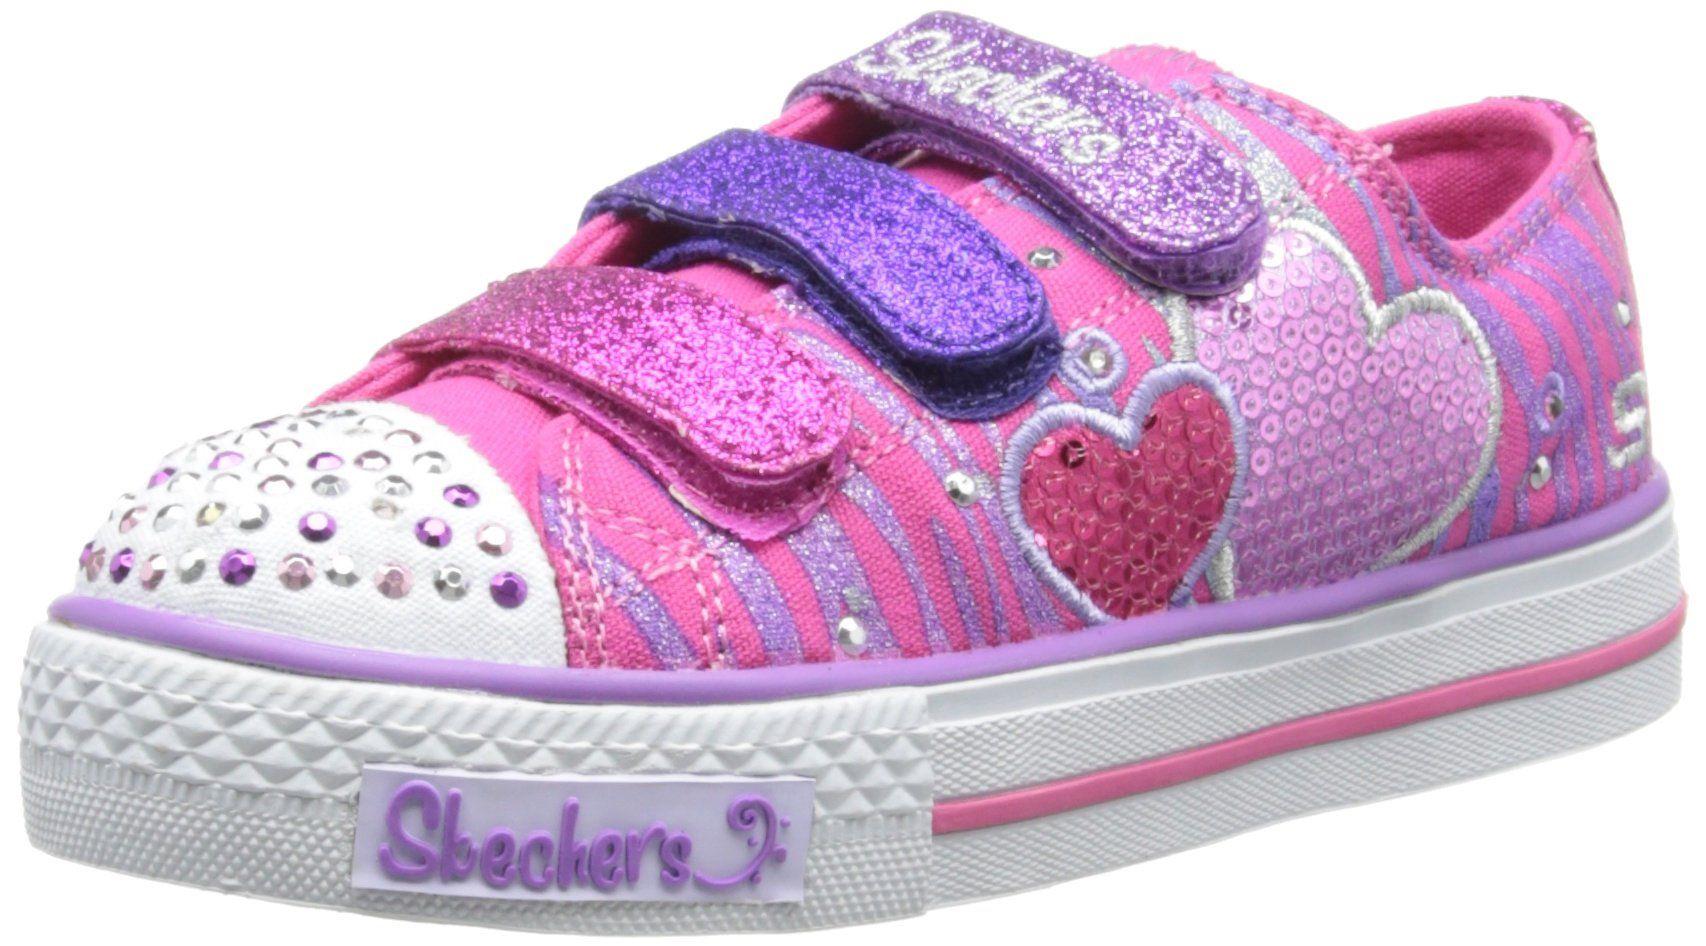 Skechers Girls Shuffles Triple Time Low Top 10203L NeonPink